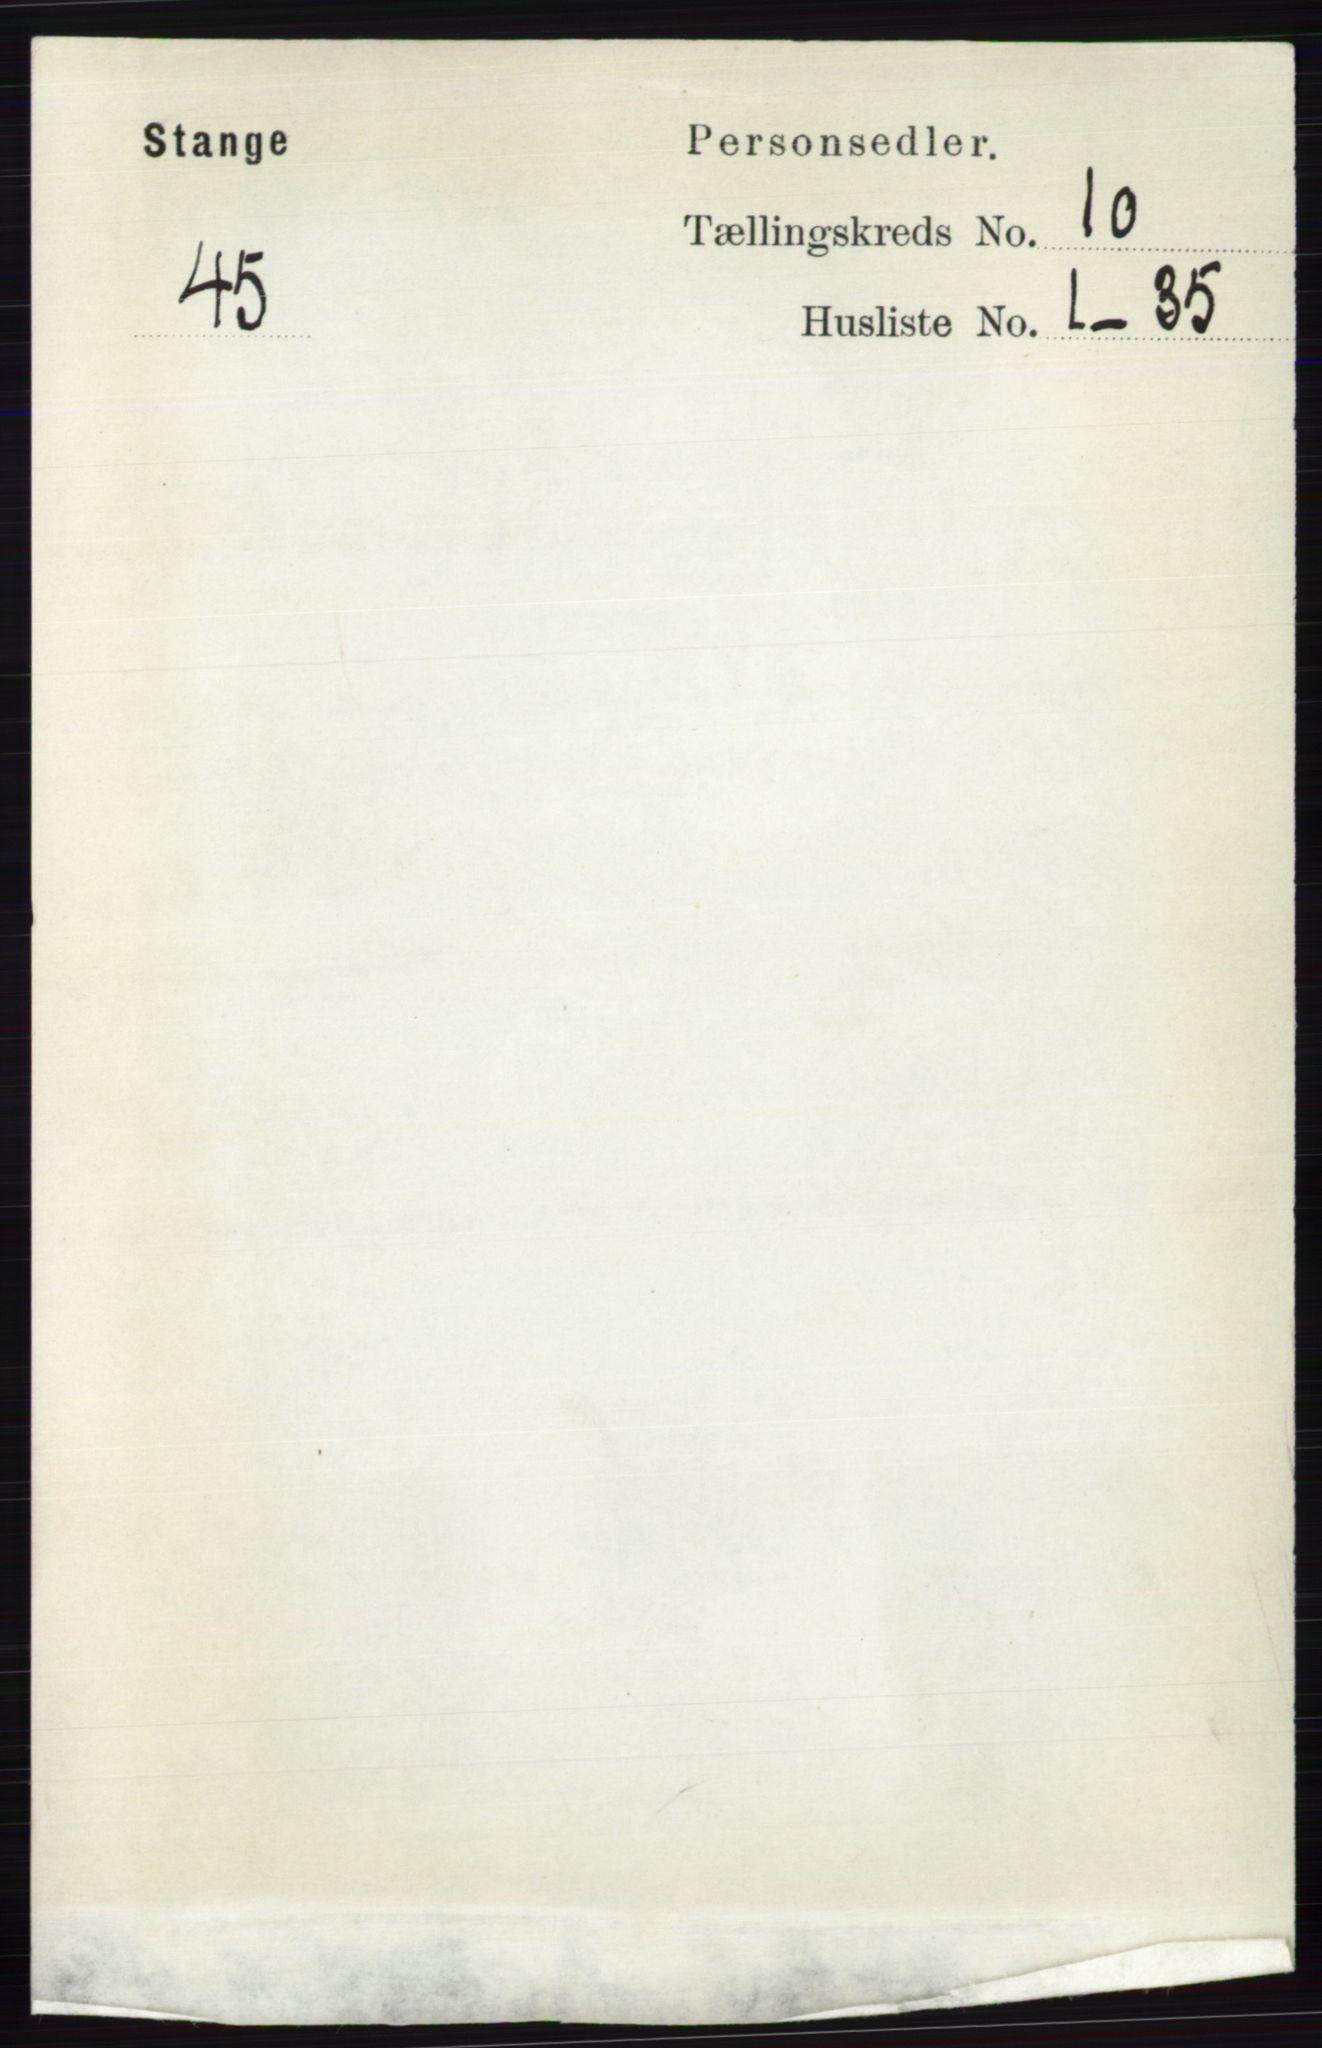 RA, Folketelling 1891 for 0417 Stange herred, 1891, s. 6799